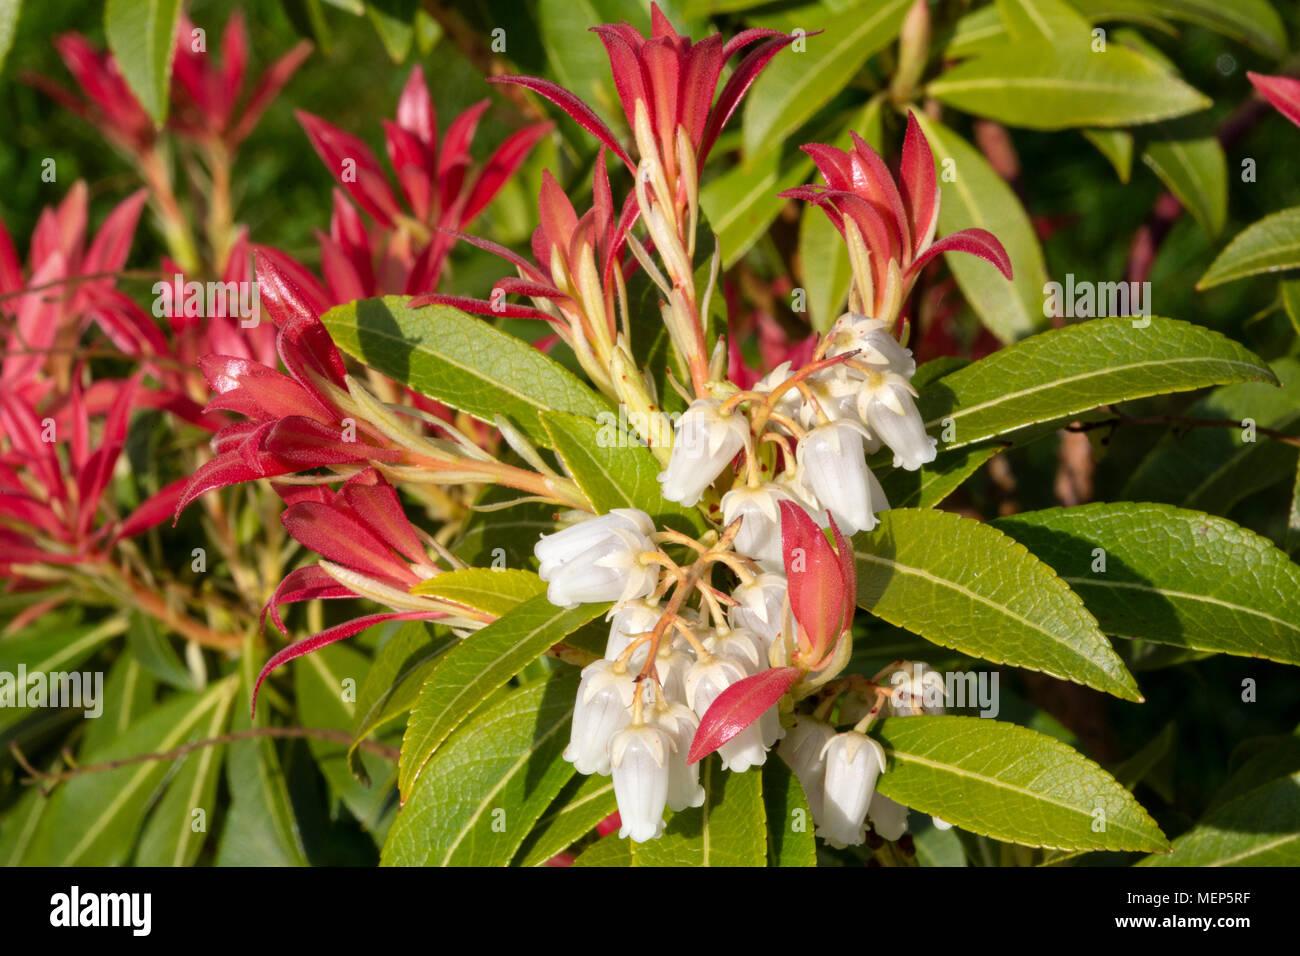 Sarcococca, Foresta Fiamma (Sarcococca Japonica) Con Fiori Di Primavera. Un  Compatto, Arrotondati, Arbusto Sempreverde Coltivato Per La Sua  Visualizzazione ...